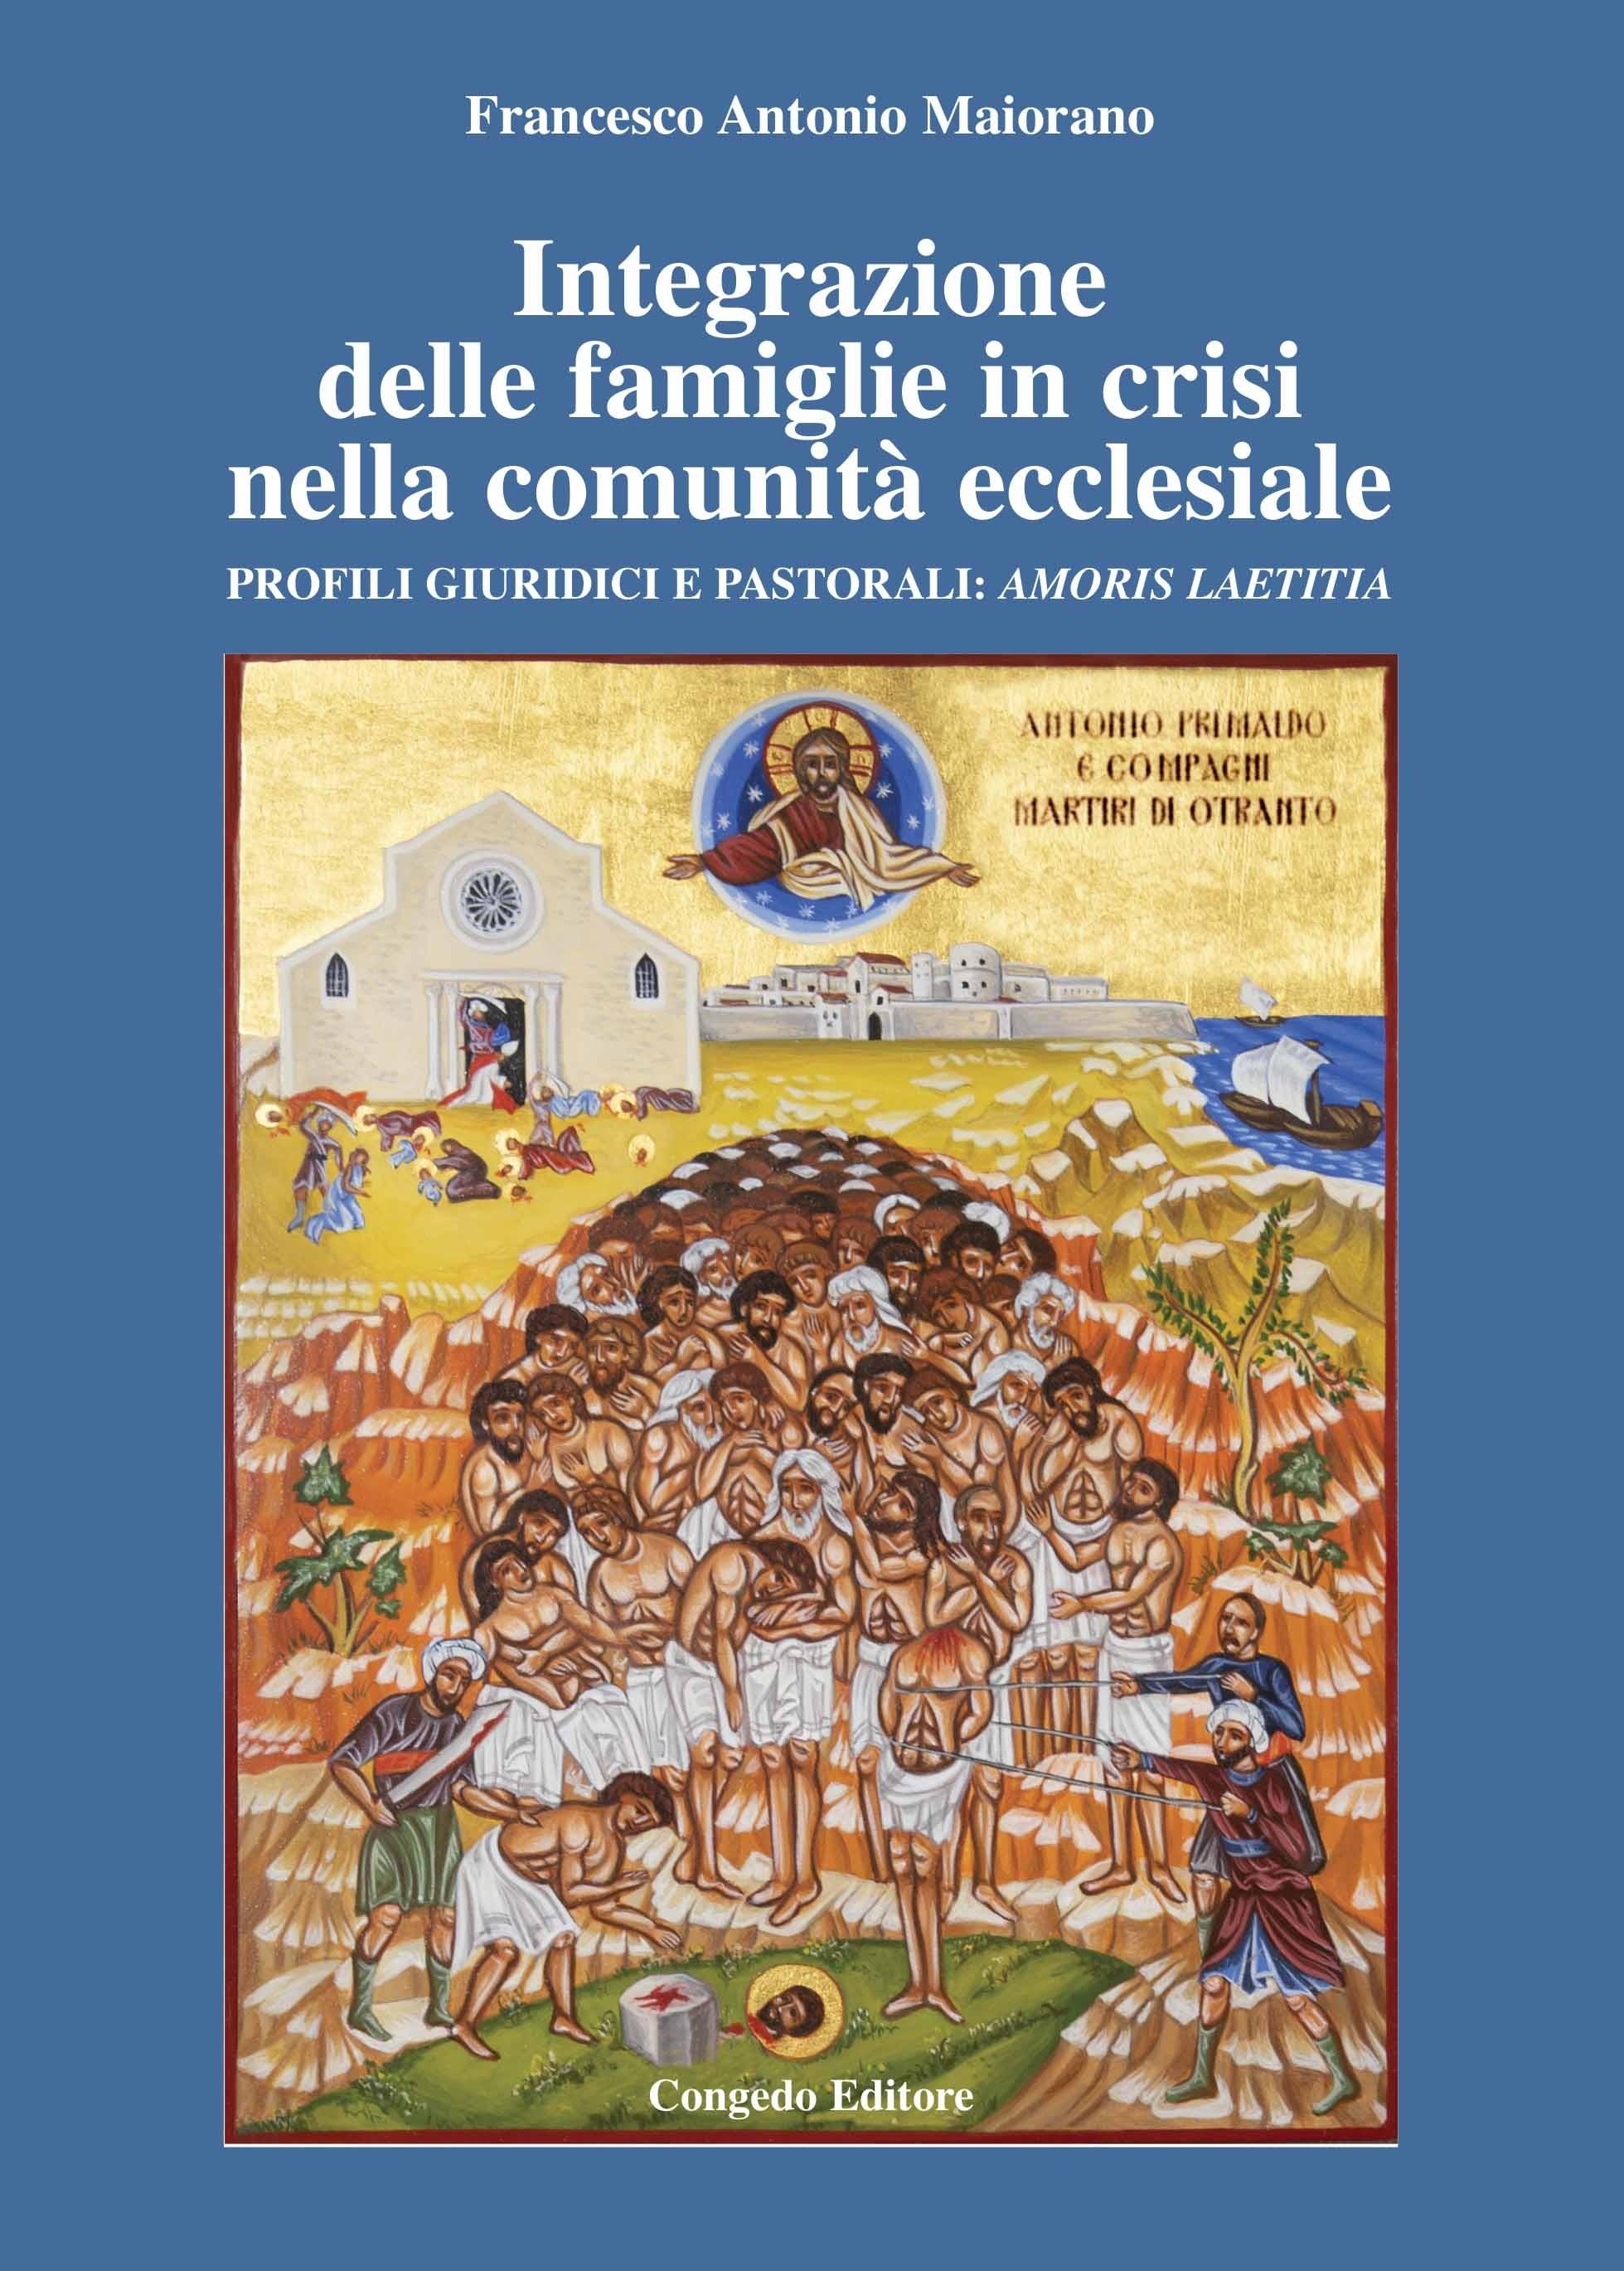 Integrazione delle famiglie in crisi  nella comunità ecclesiale. Profili giuridici e pastorali: amoris laetitia